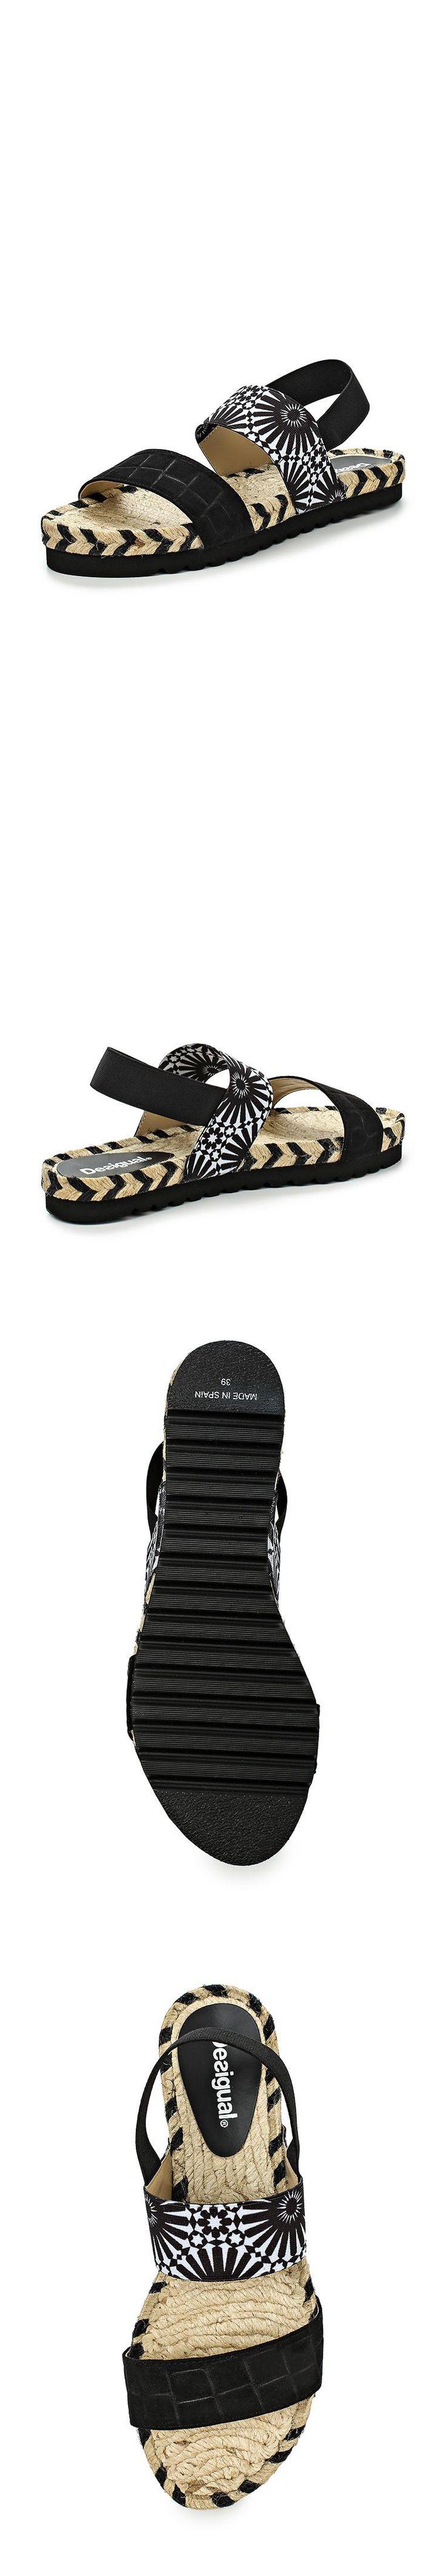 Женская обувь сандалии Desigual за 6790.00 руб.